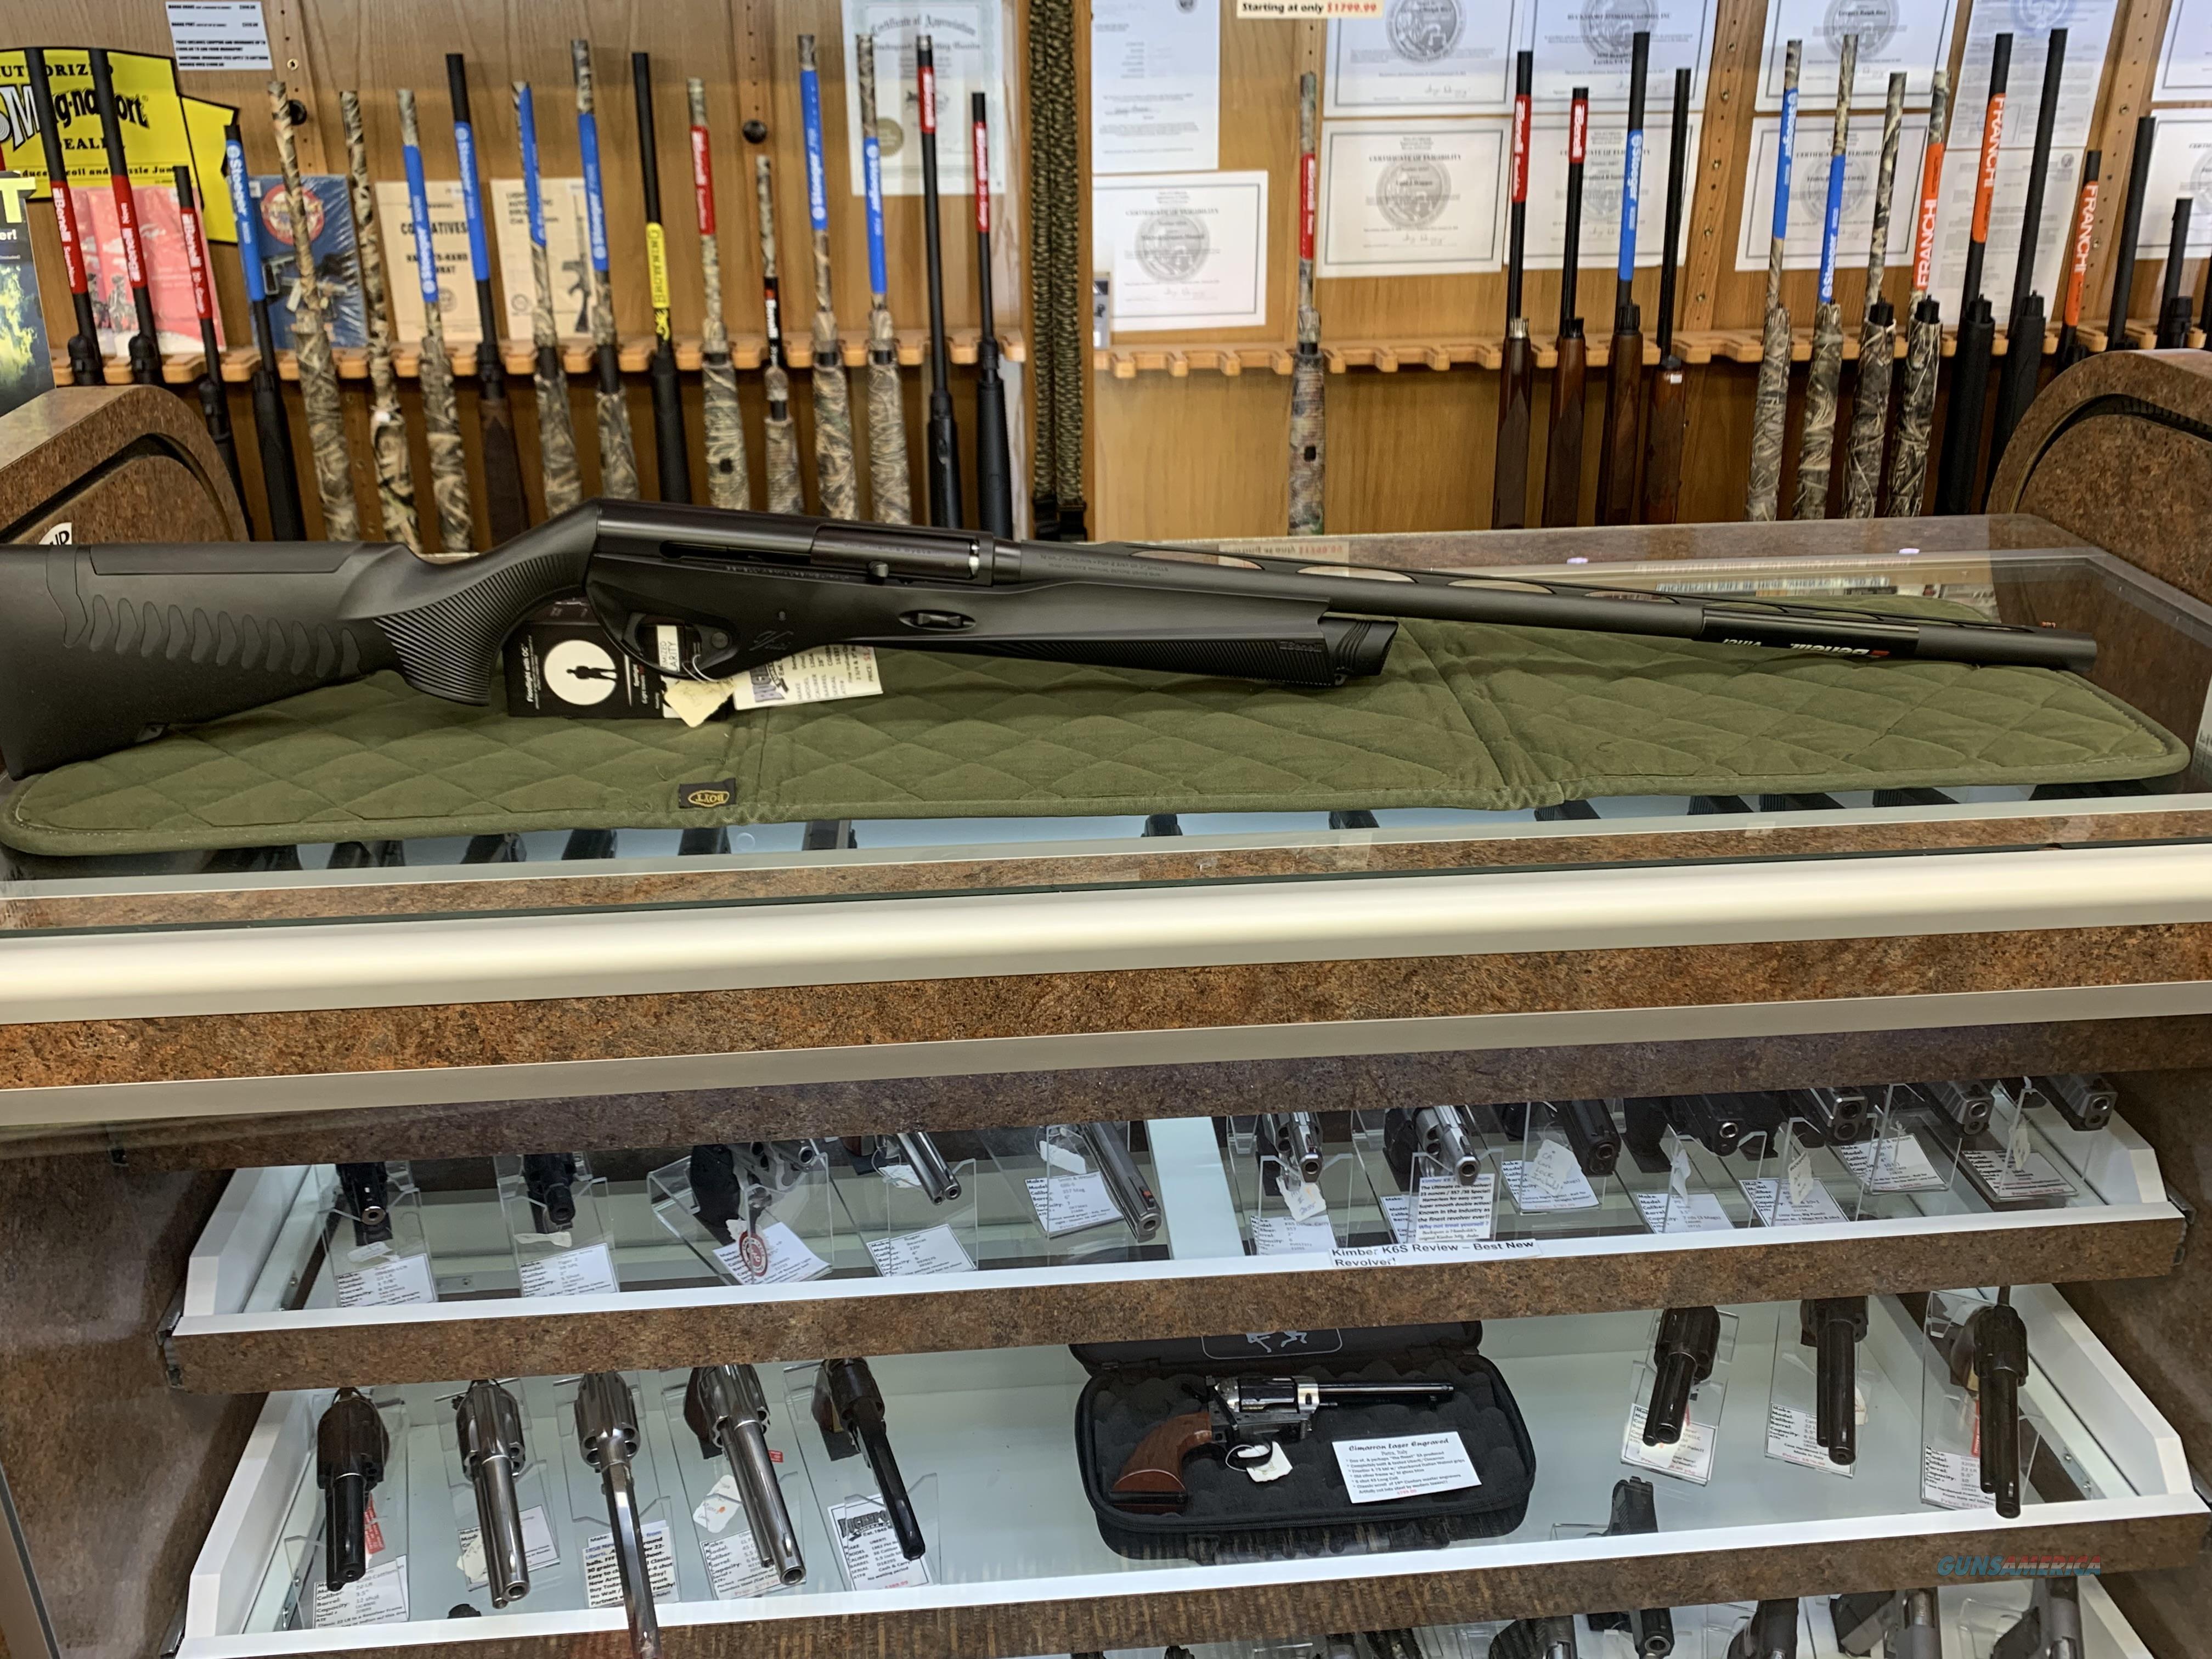 Benelli Vinci  Guns > Shotguns > Benelli Shotguns > Sporting